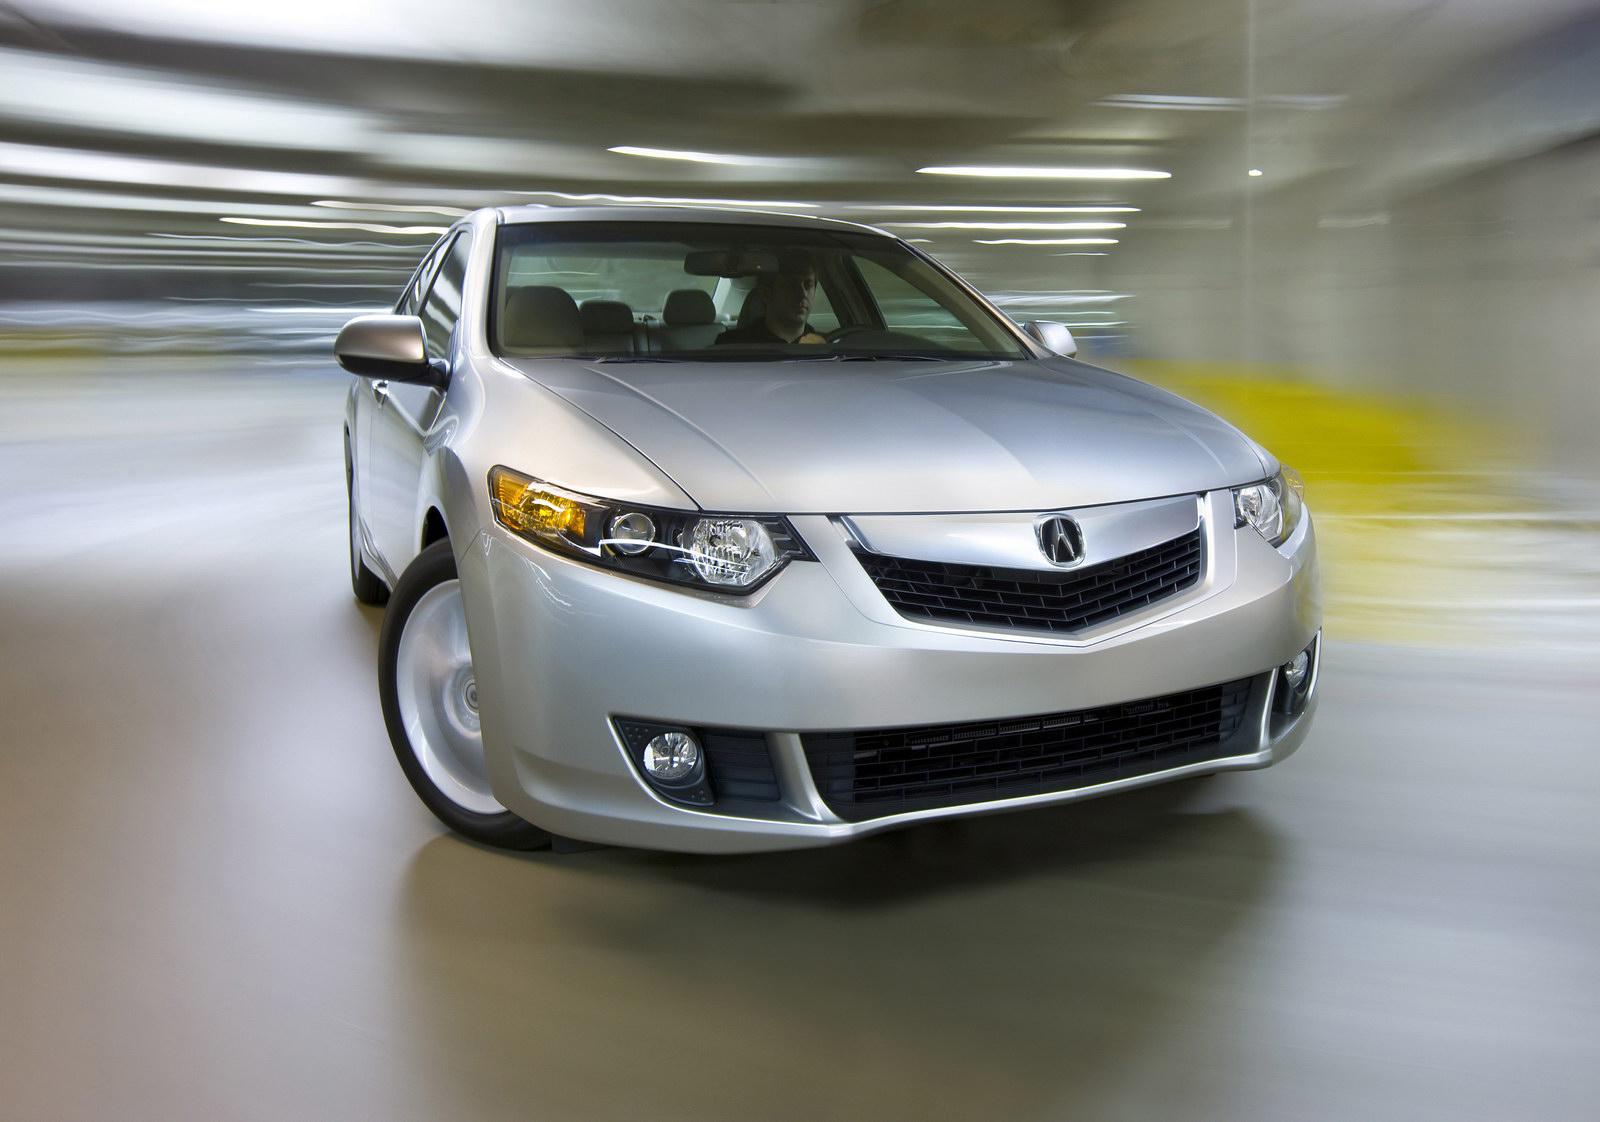 Acura TSX получает Топ Рейтинг безопасности в NHTSA и IIHS краш-тестов - фотография №3